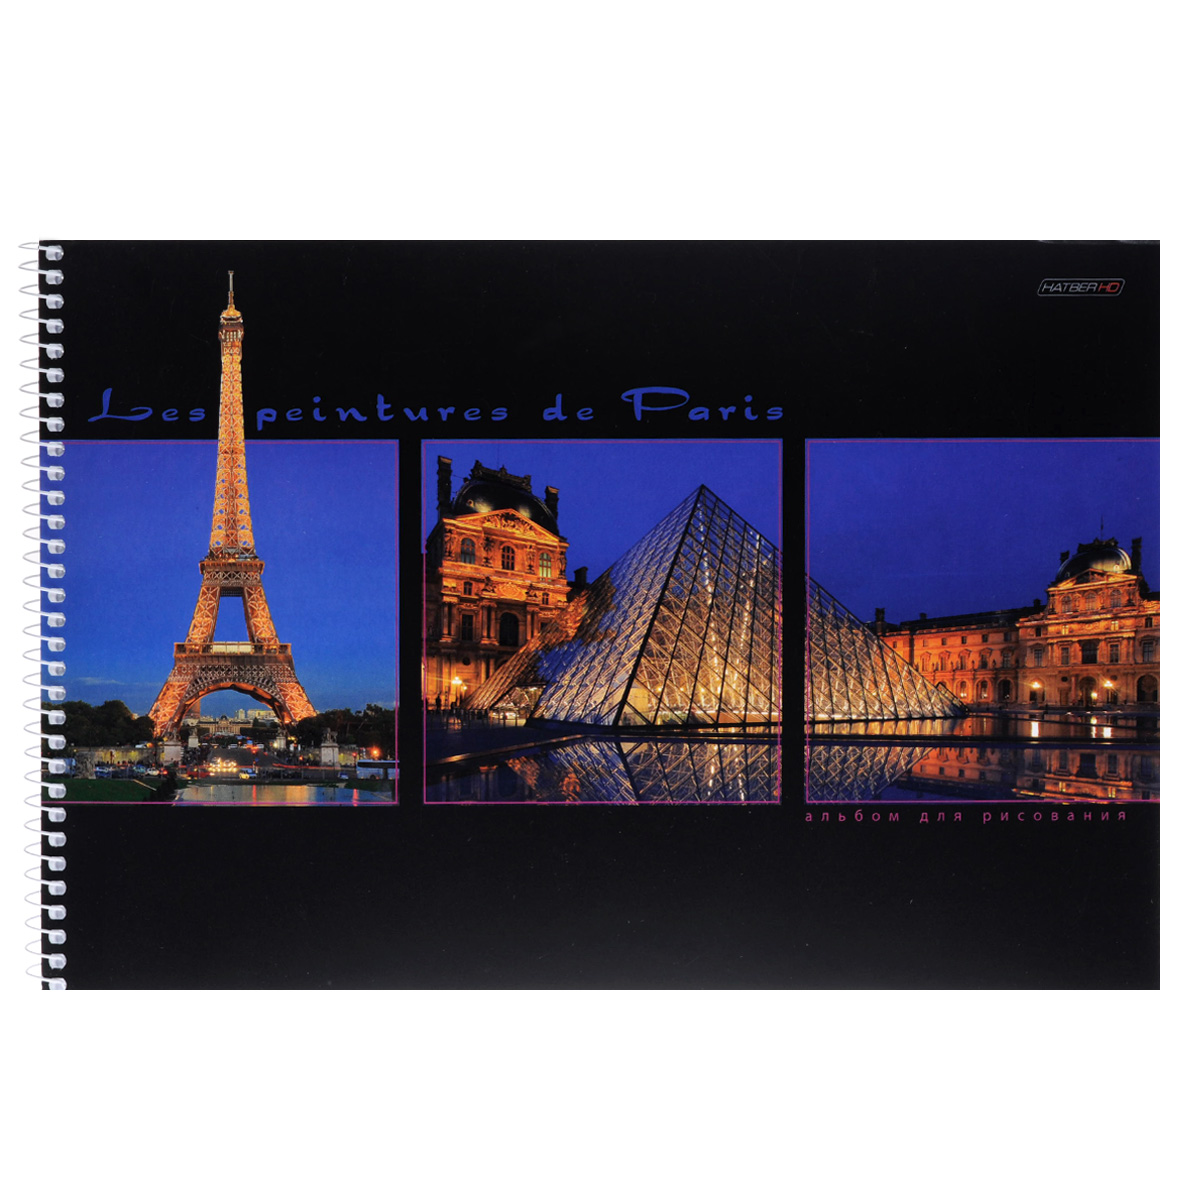 Альбом для рисования Hatber HD Окна Парижа, 48 листов72523WDАльбом для рисования на боковой спирали Hatber HD Окна Парижа премиум класса непременно порадует маленького художника и вдохновит его на творчество. Альбом изготовлен из шелковисто-матовой бумаги с обложкой из мелованного картона, оформленной оригинальным рисунком с изображением достопримечательностей Парижа.В альбоме 48 листов. Высокое качество бумаги позволяет рисовать в альбоме карандашами, фломастерами, акварельными и гуашевыми красками. Рисование позволяет ребенку развивать творческие способности, кроме того, это увлекательный досуг.Способ крепления листов - спираль. Жесткая подложка. Перфорация листов.Альбом на спирали позволяет долгие годы хранить памятные рисунки, ведь их так просто удалить из альбома и поместить в рамку.